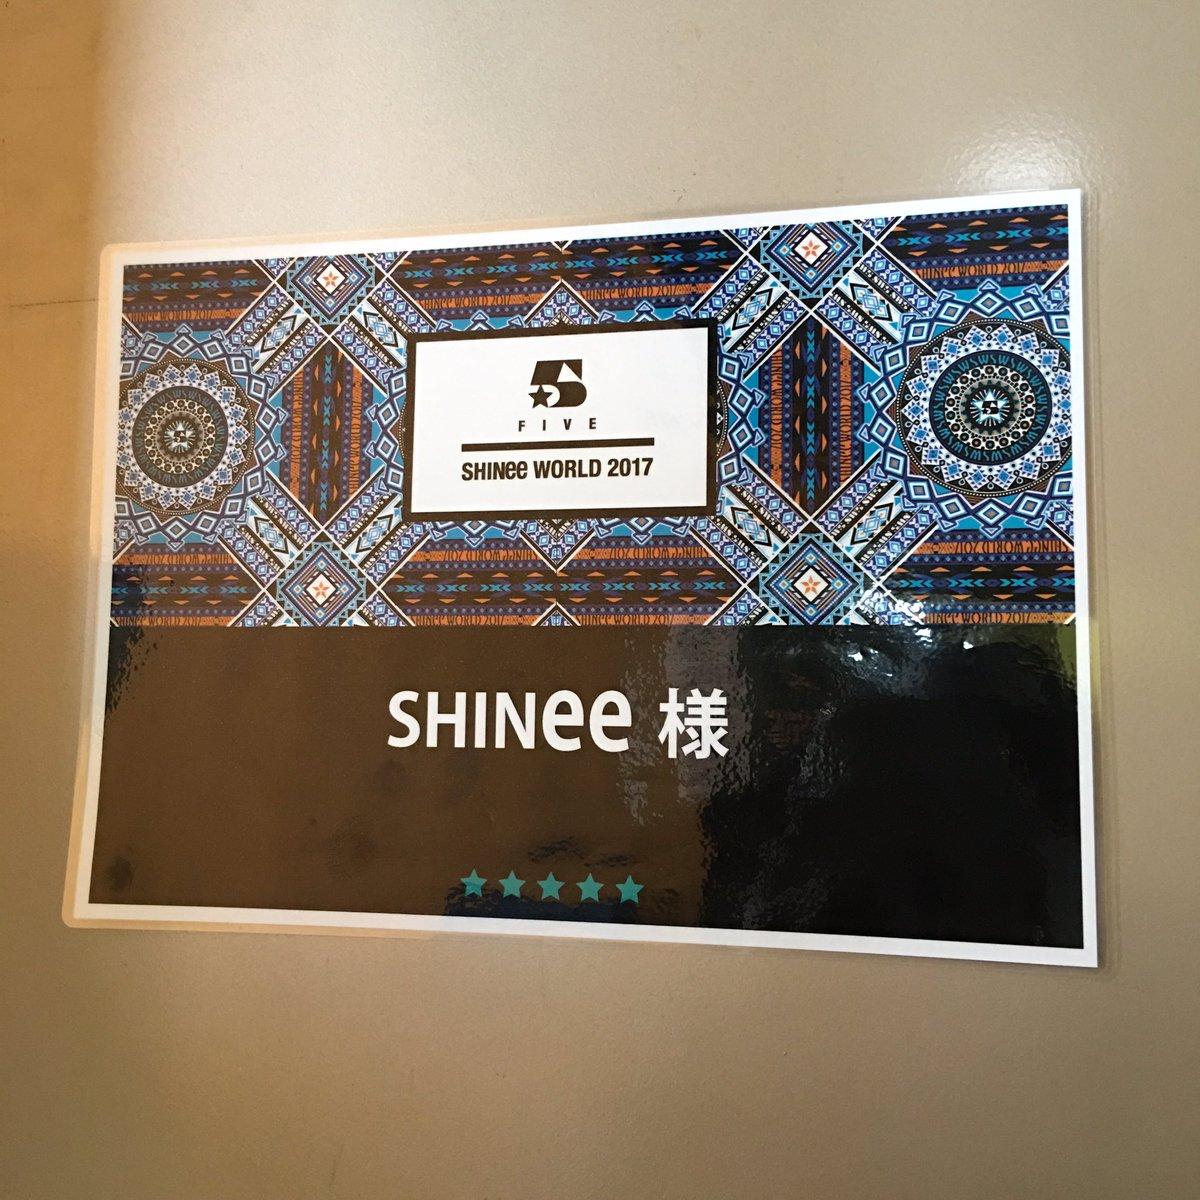 いよいよ「SHINee WORLD 2017~FIVE~」が1/28よりスタートします♪ シャイニッ…